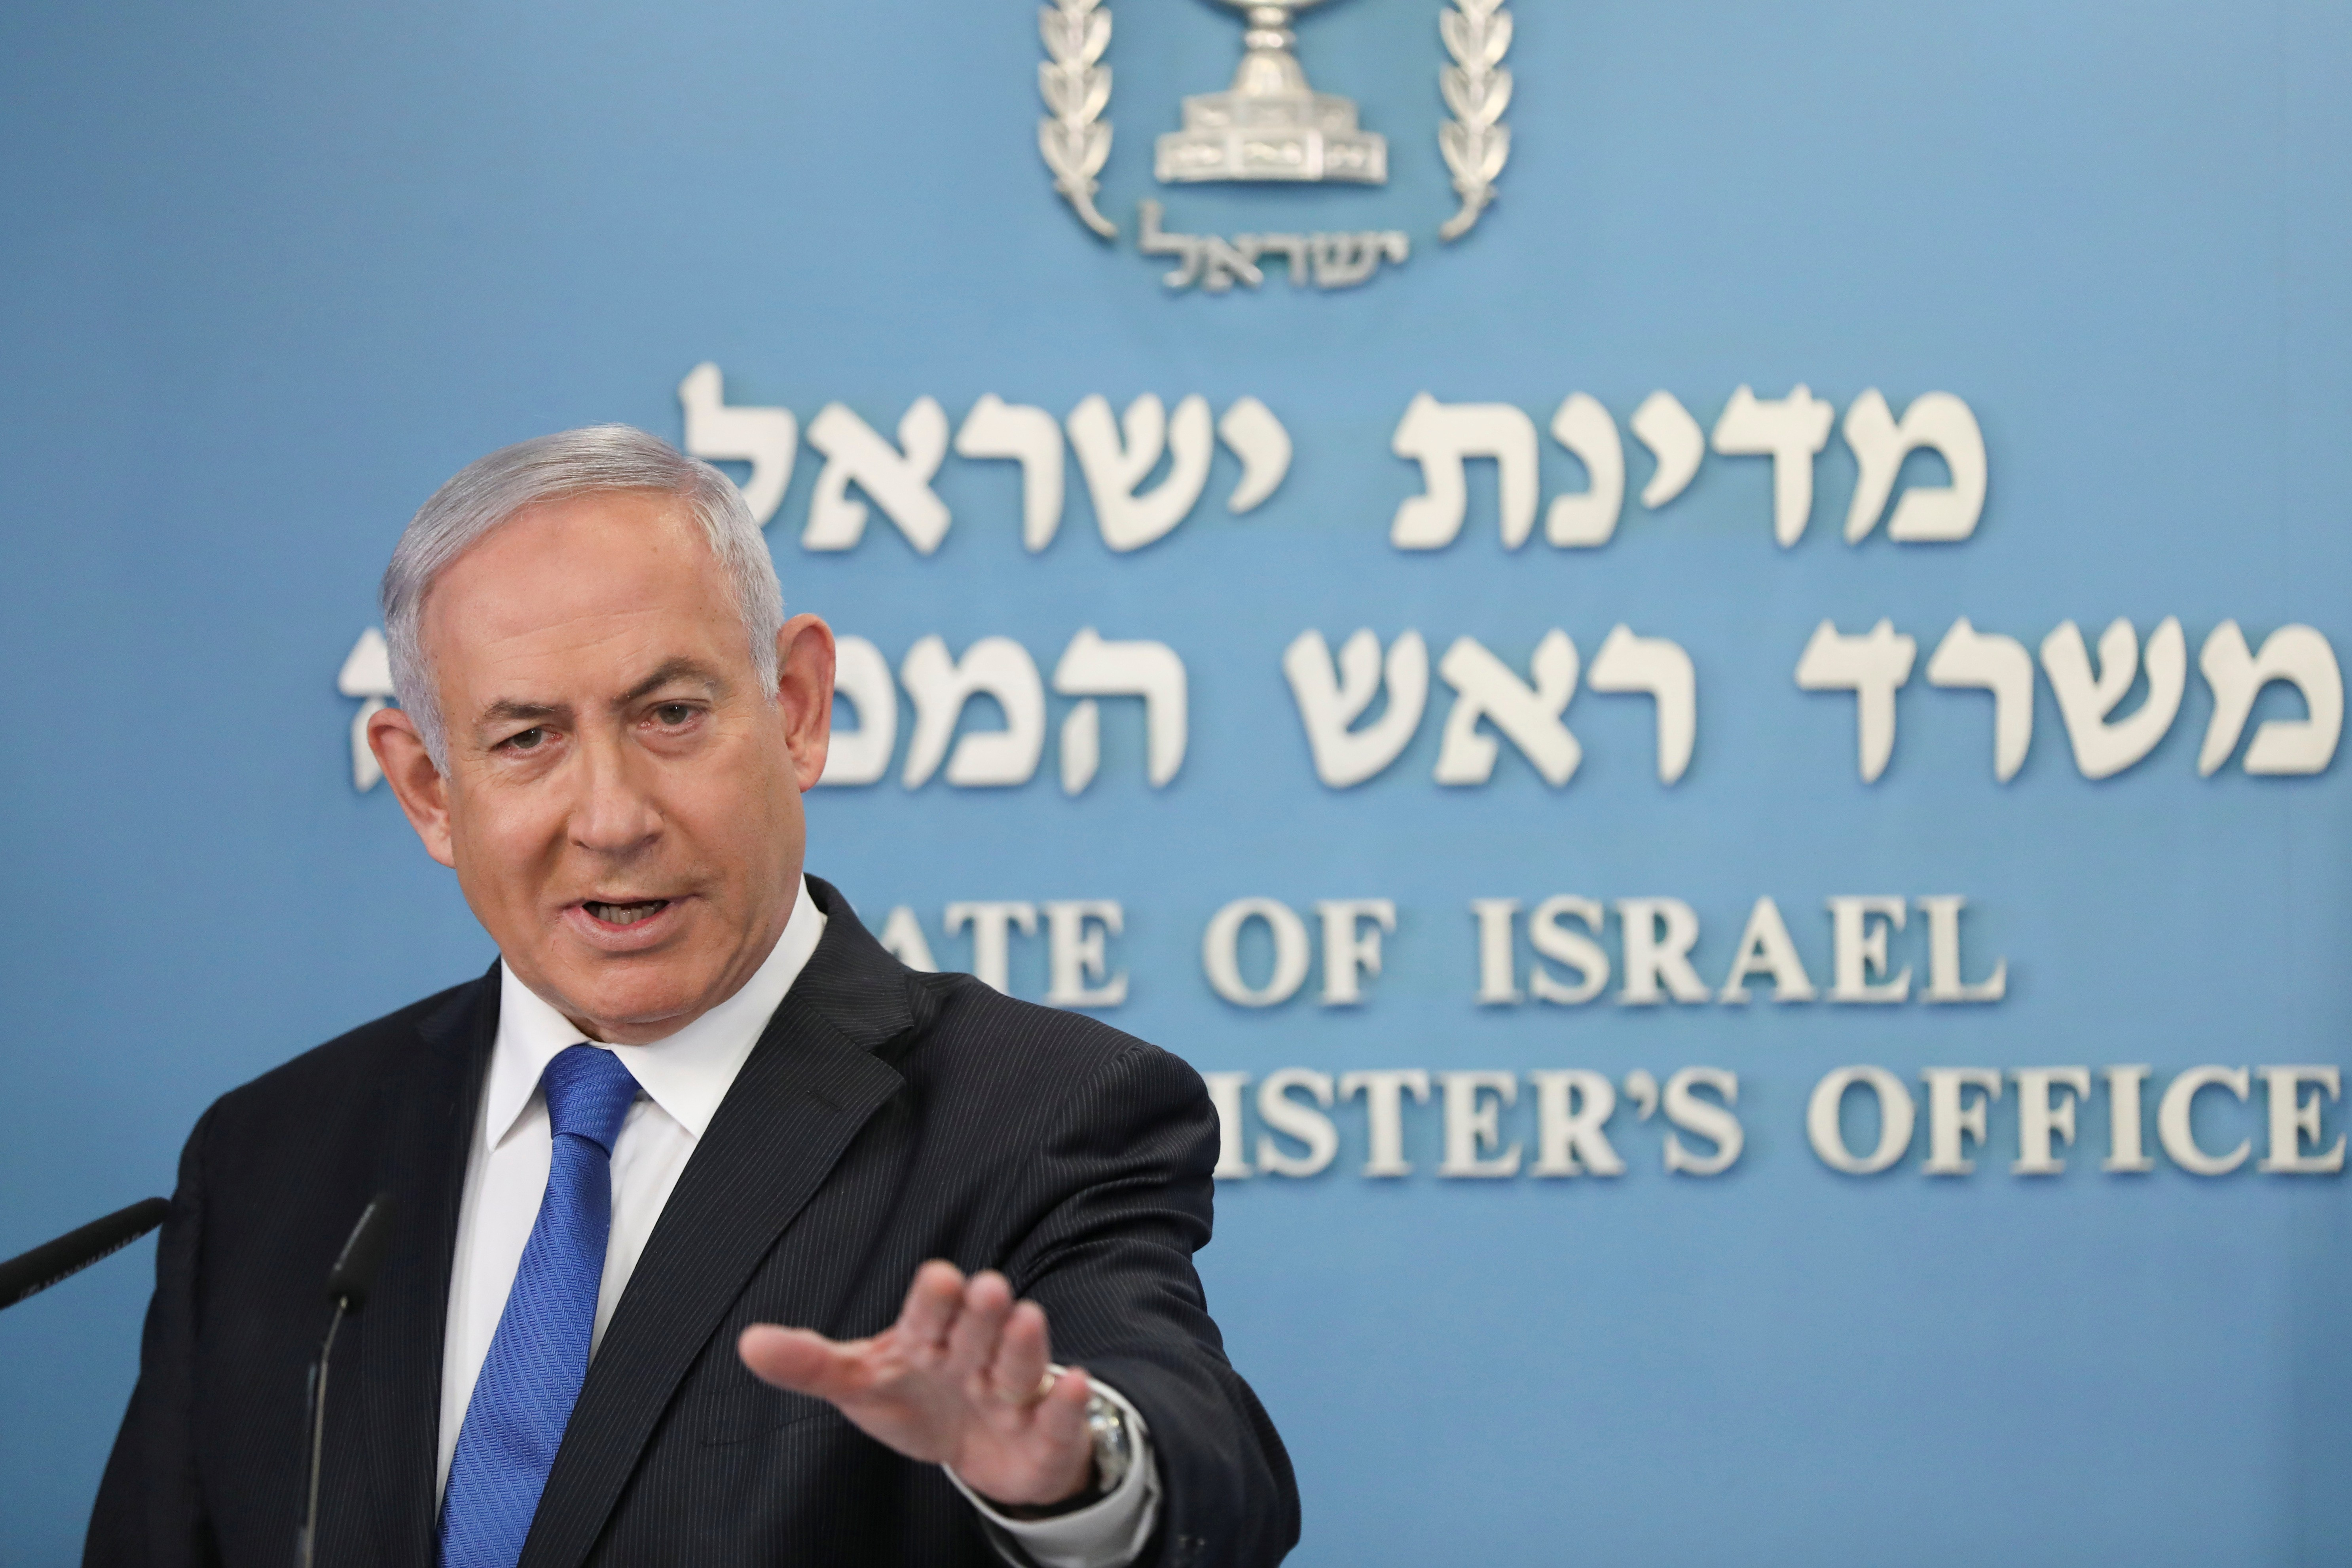 Manifestantes protestam contra primeiro-ministro de Israel por acusações de corrupção